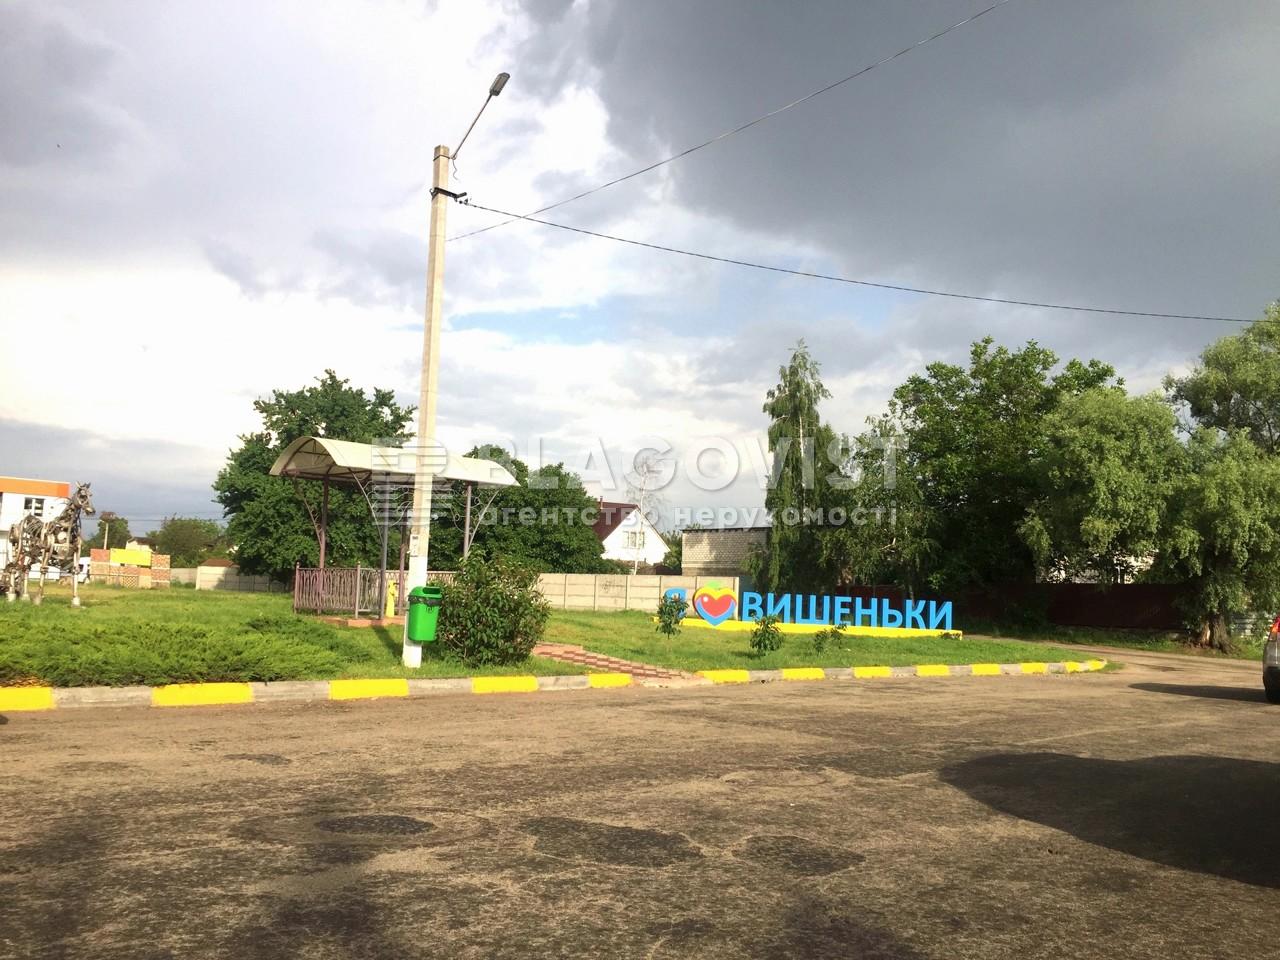 Земельный участок P-29761, Приозерная, Вишенки - Фото 3